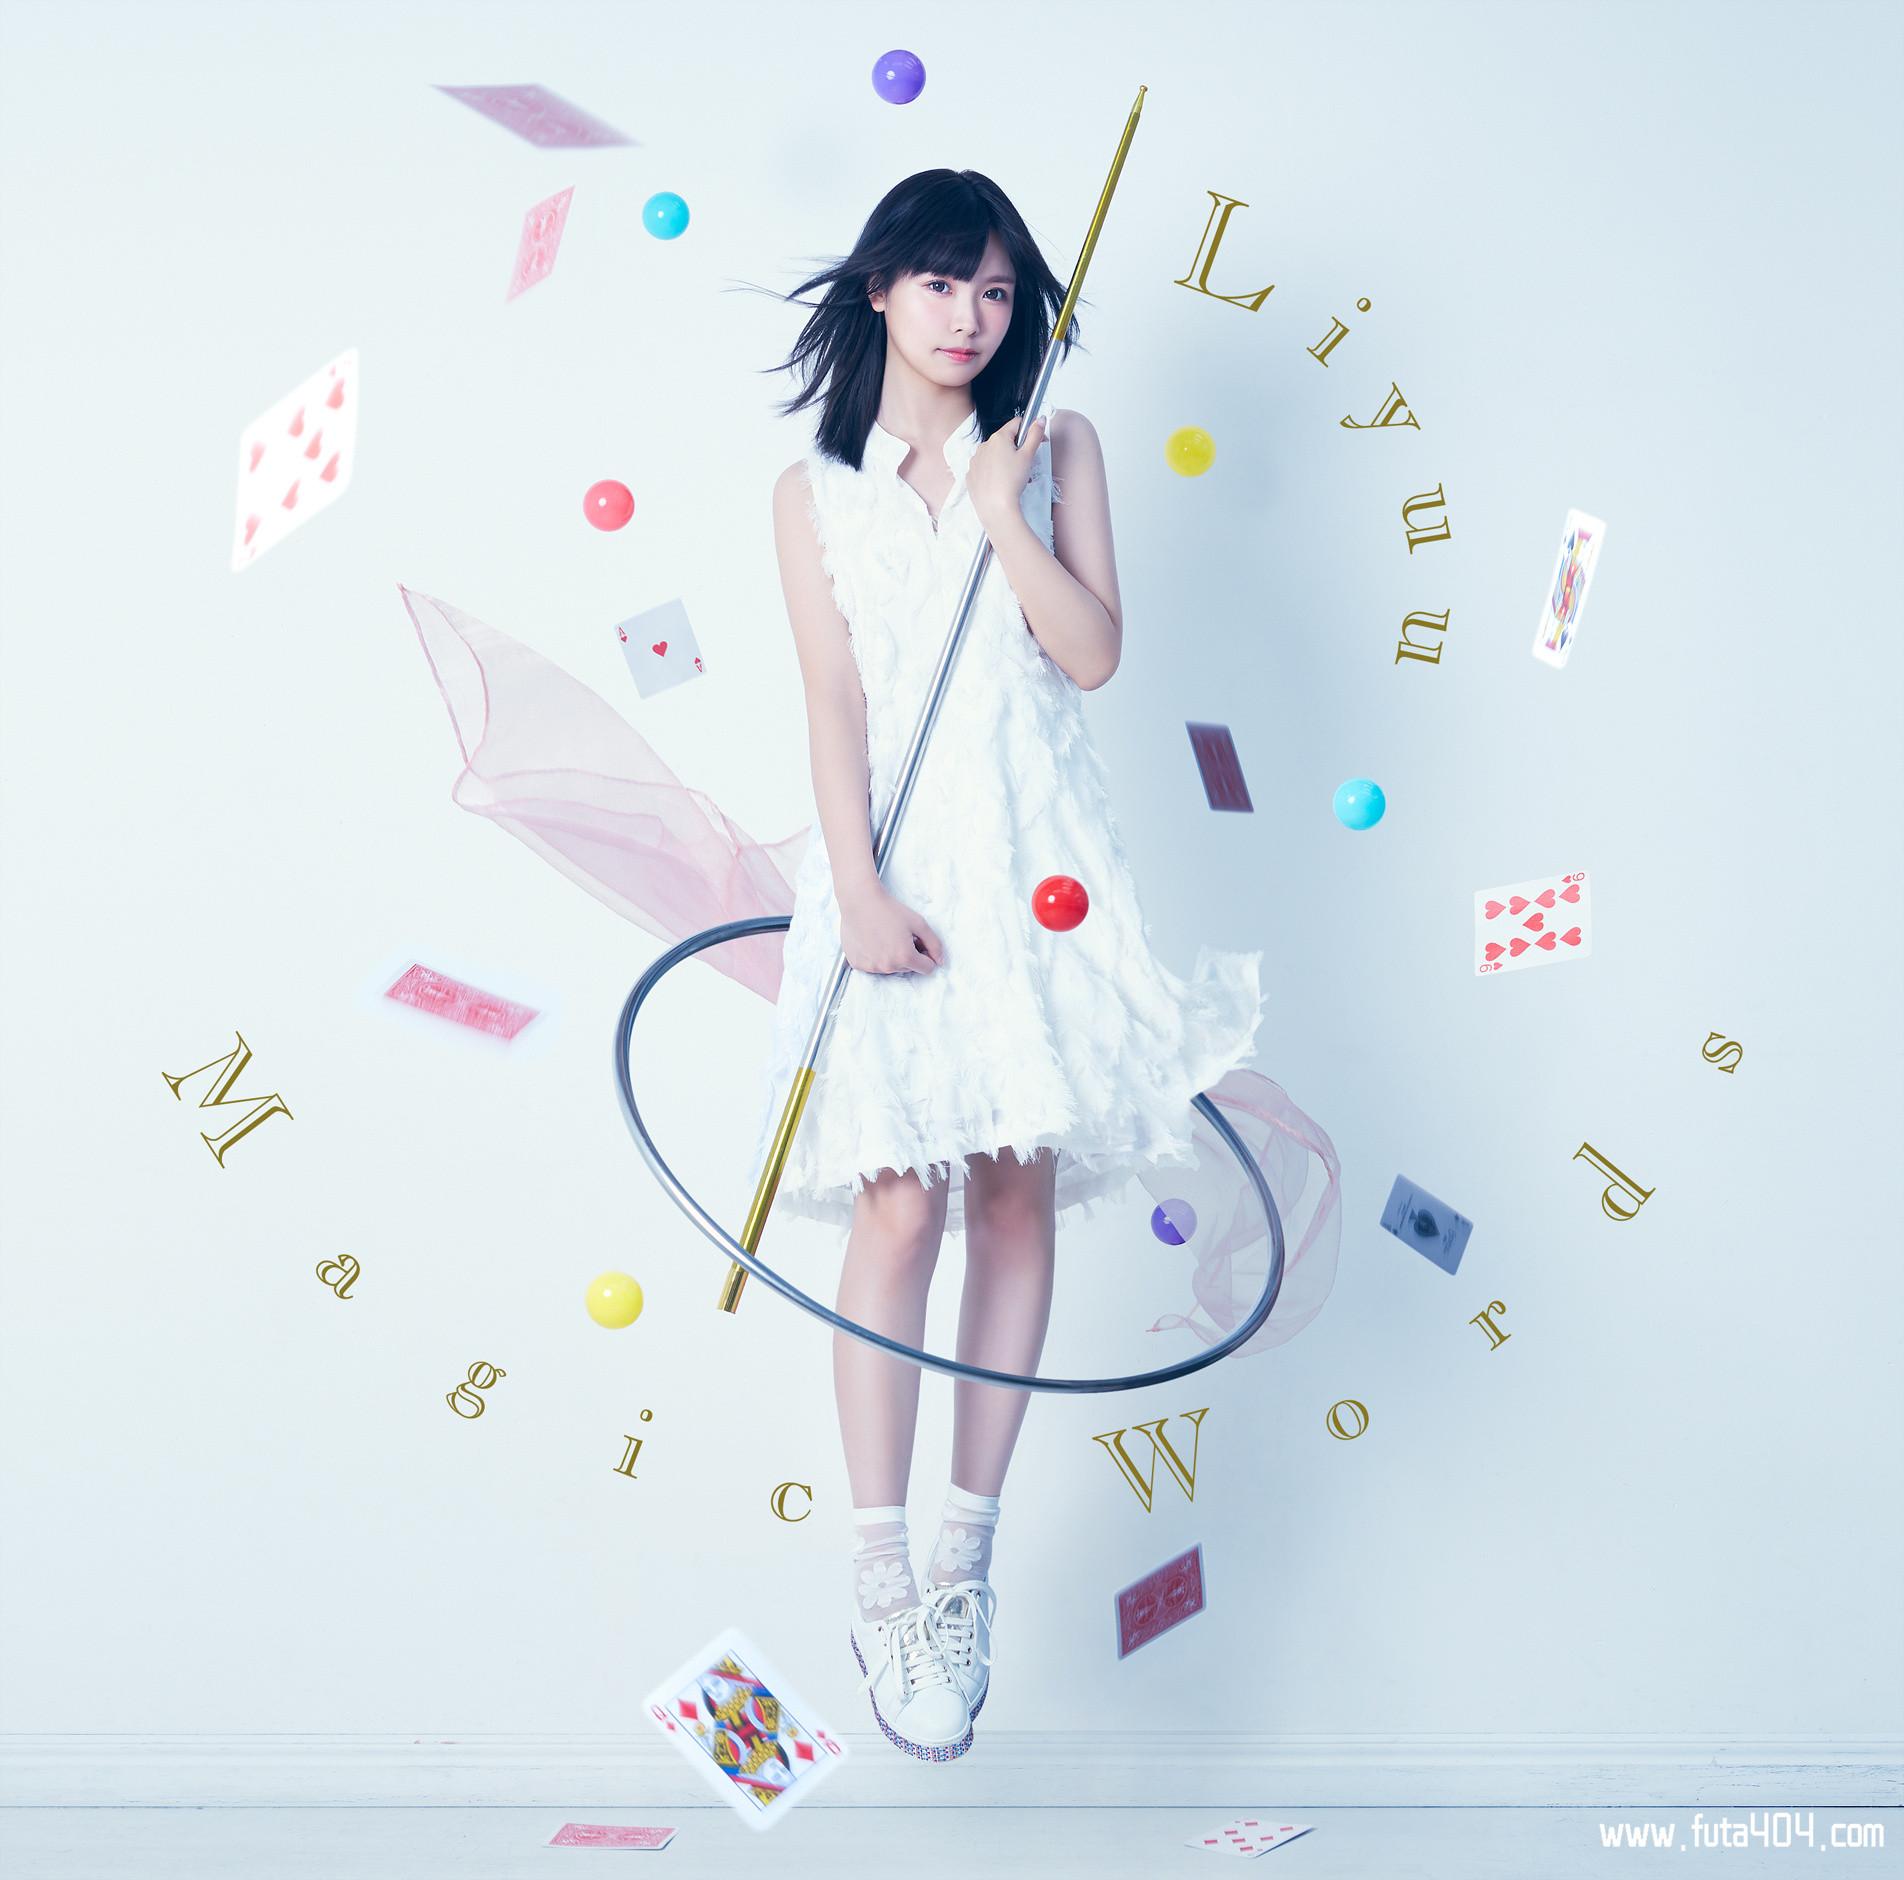 奇幻怪盗OP片头曲「Magic Words」下载 Liyuu 动漫音乐 第1张